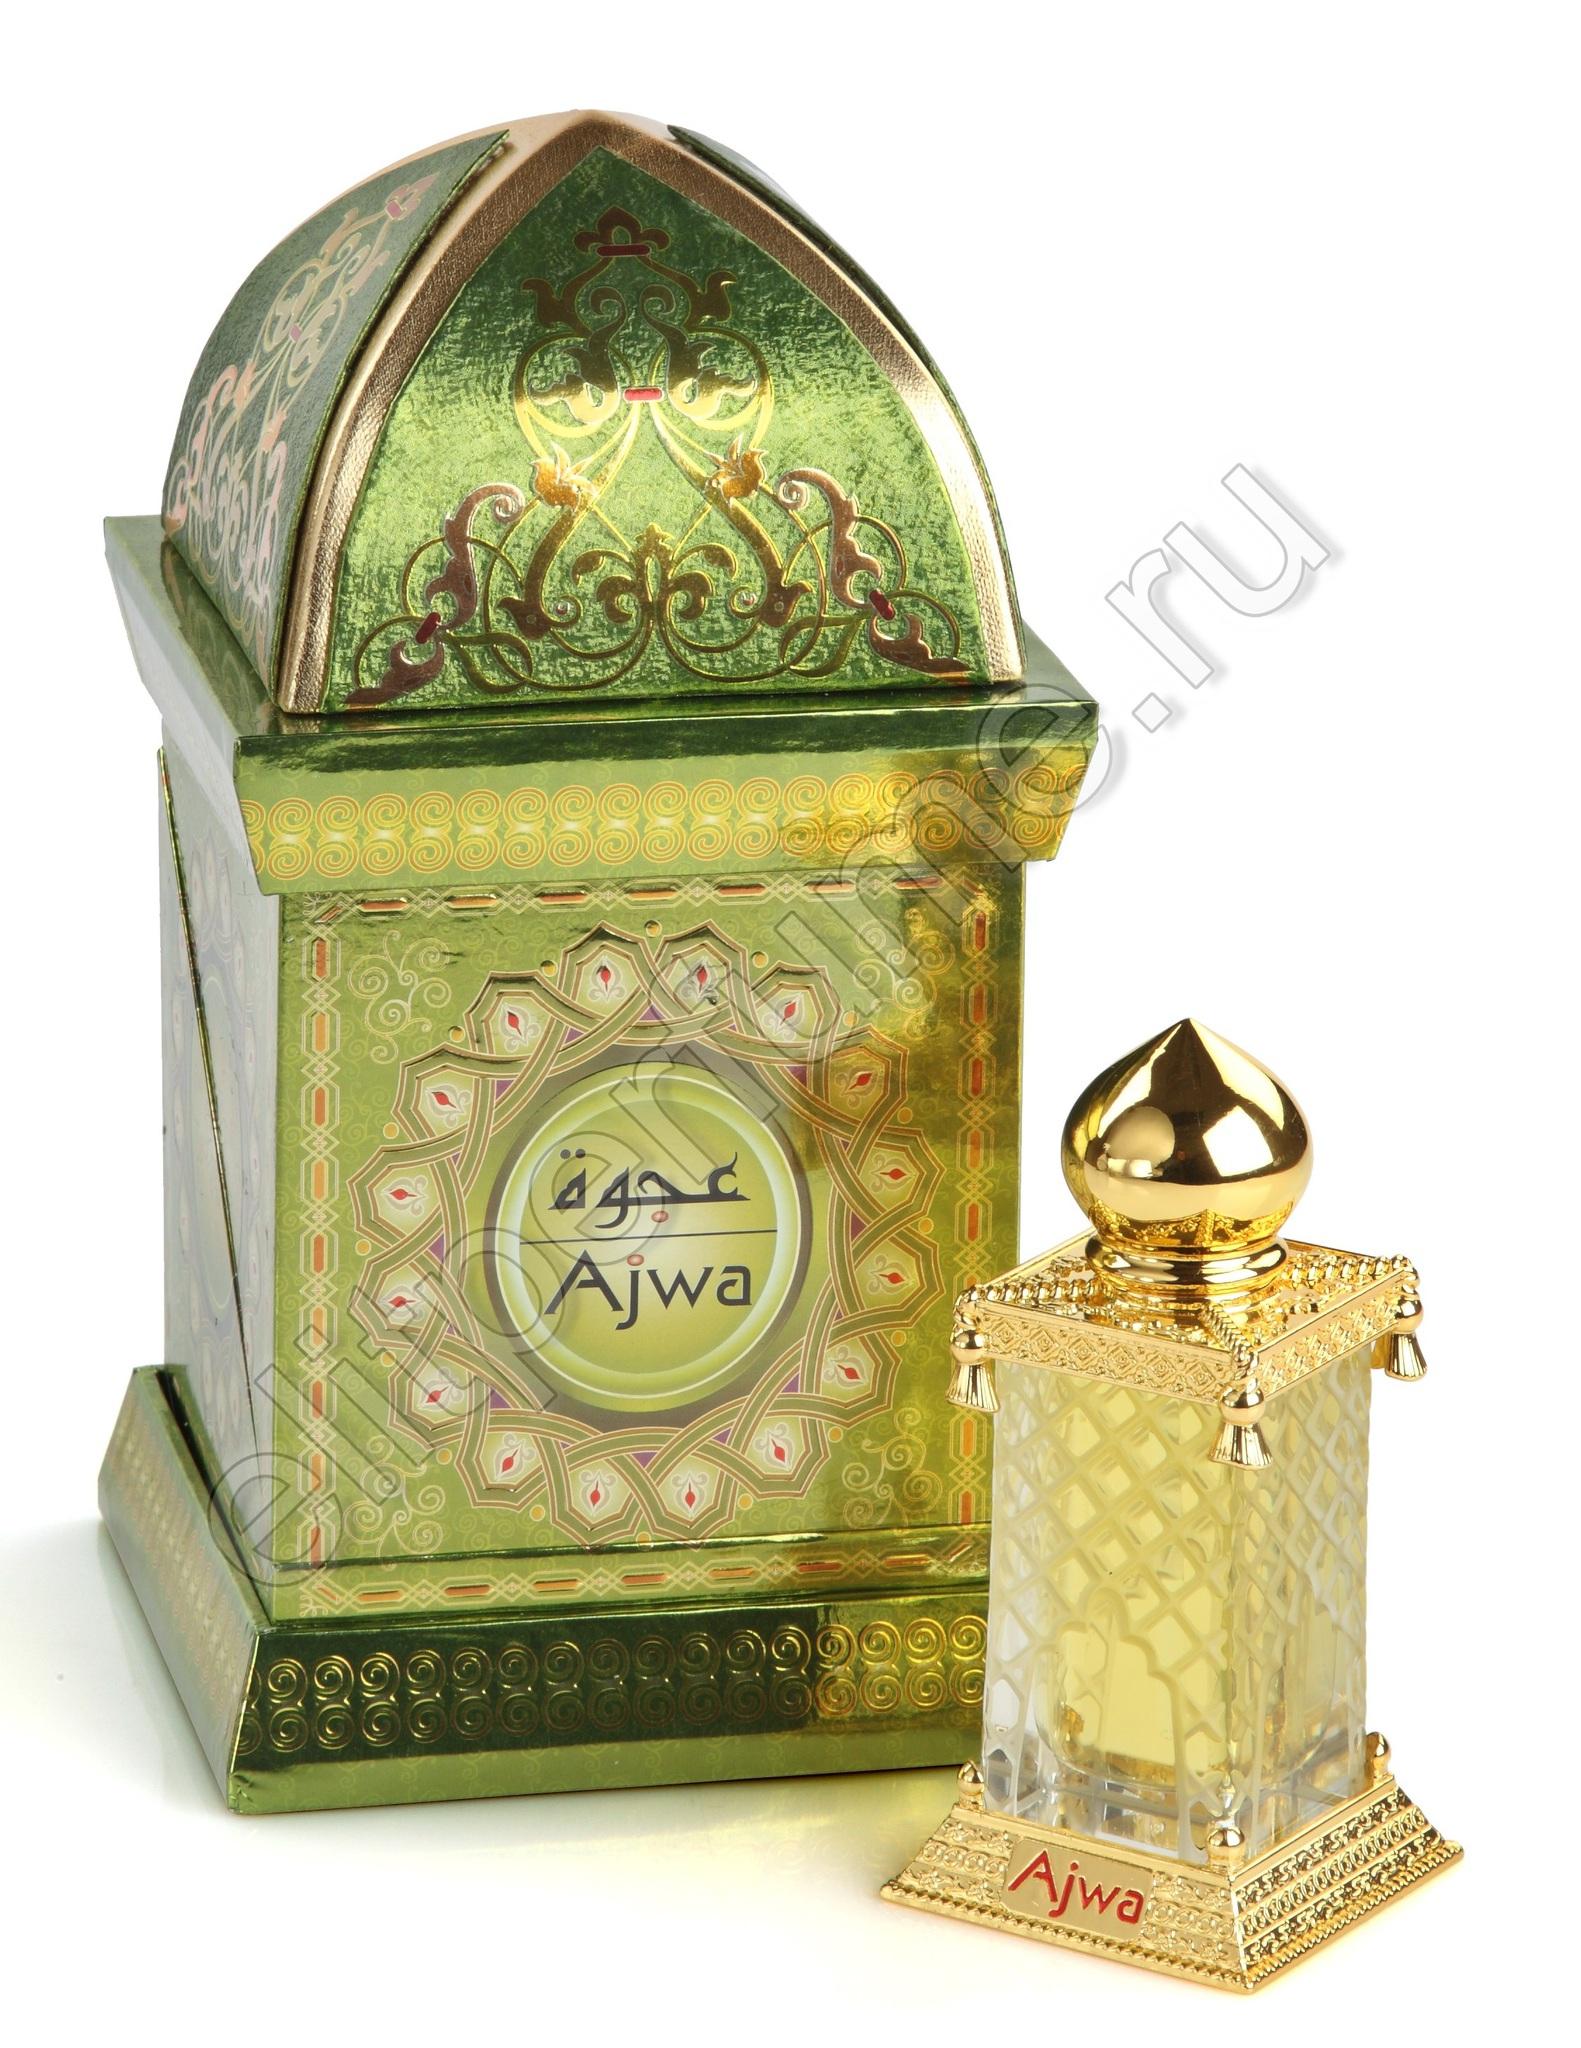 Пробники для духов Аджва Ajwa 1 мл арабские масляные духи от Аль Харамайн Al Haramin Perfumes